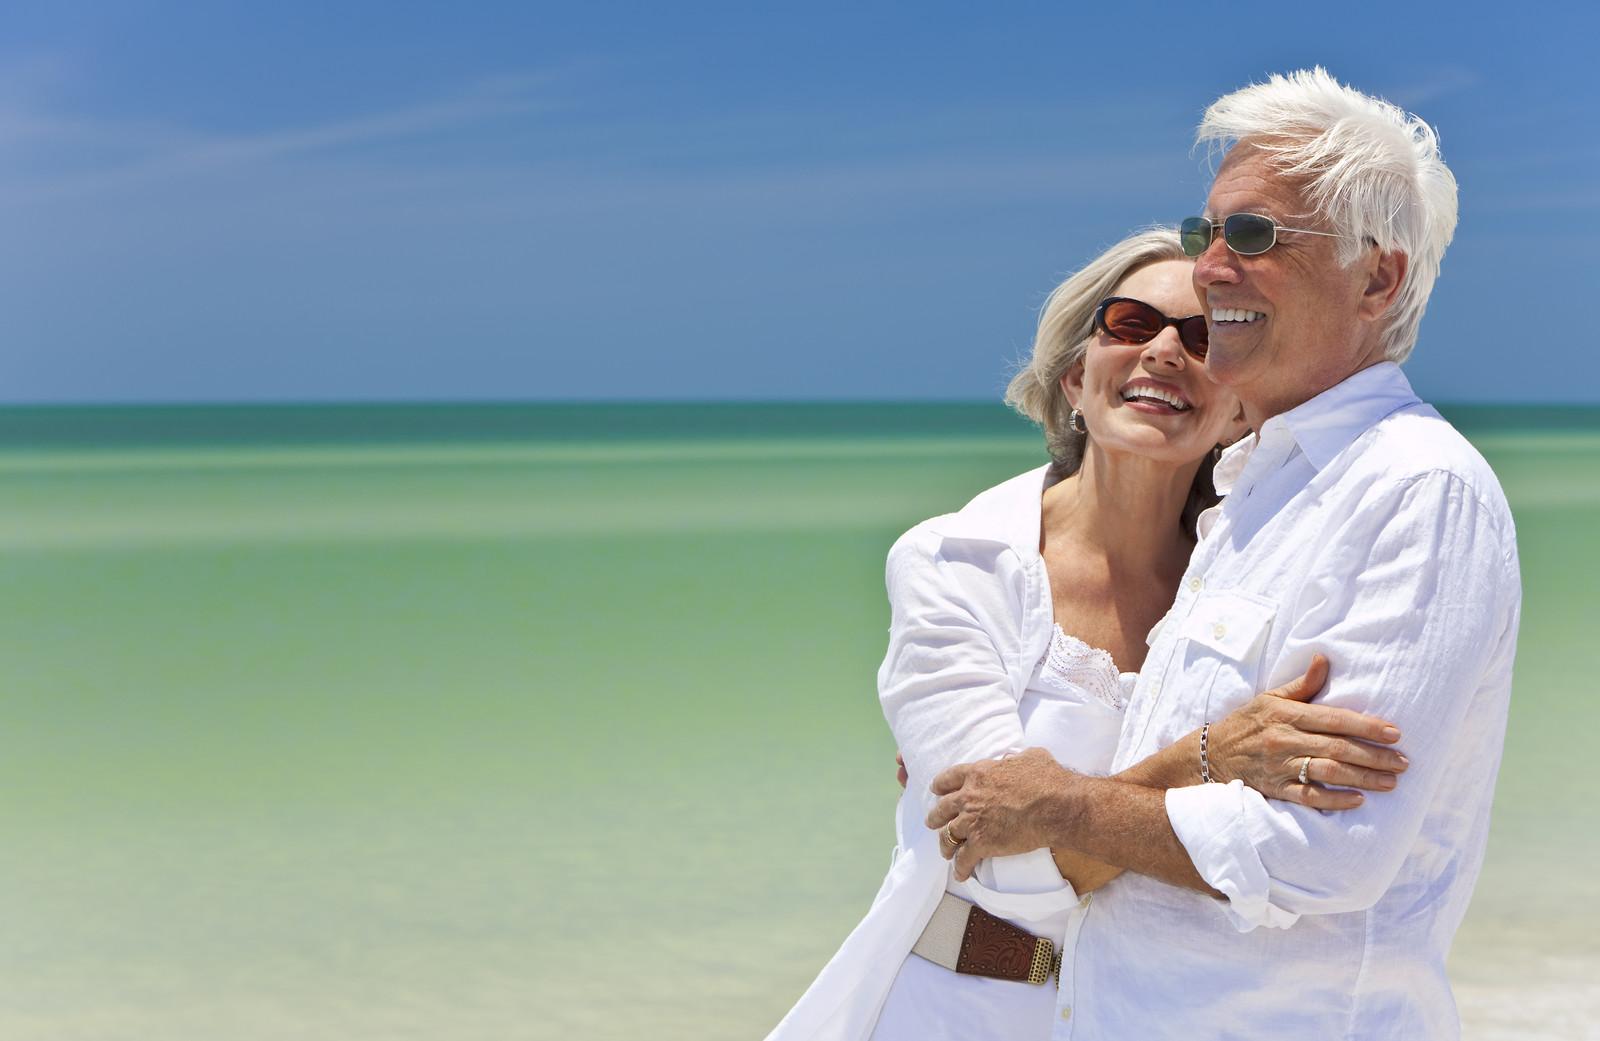 И еще раз о пенсионном возрасте: вы же не в сказке живете!